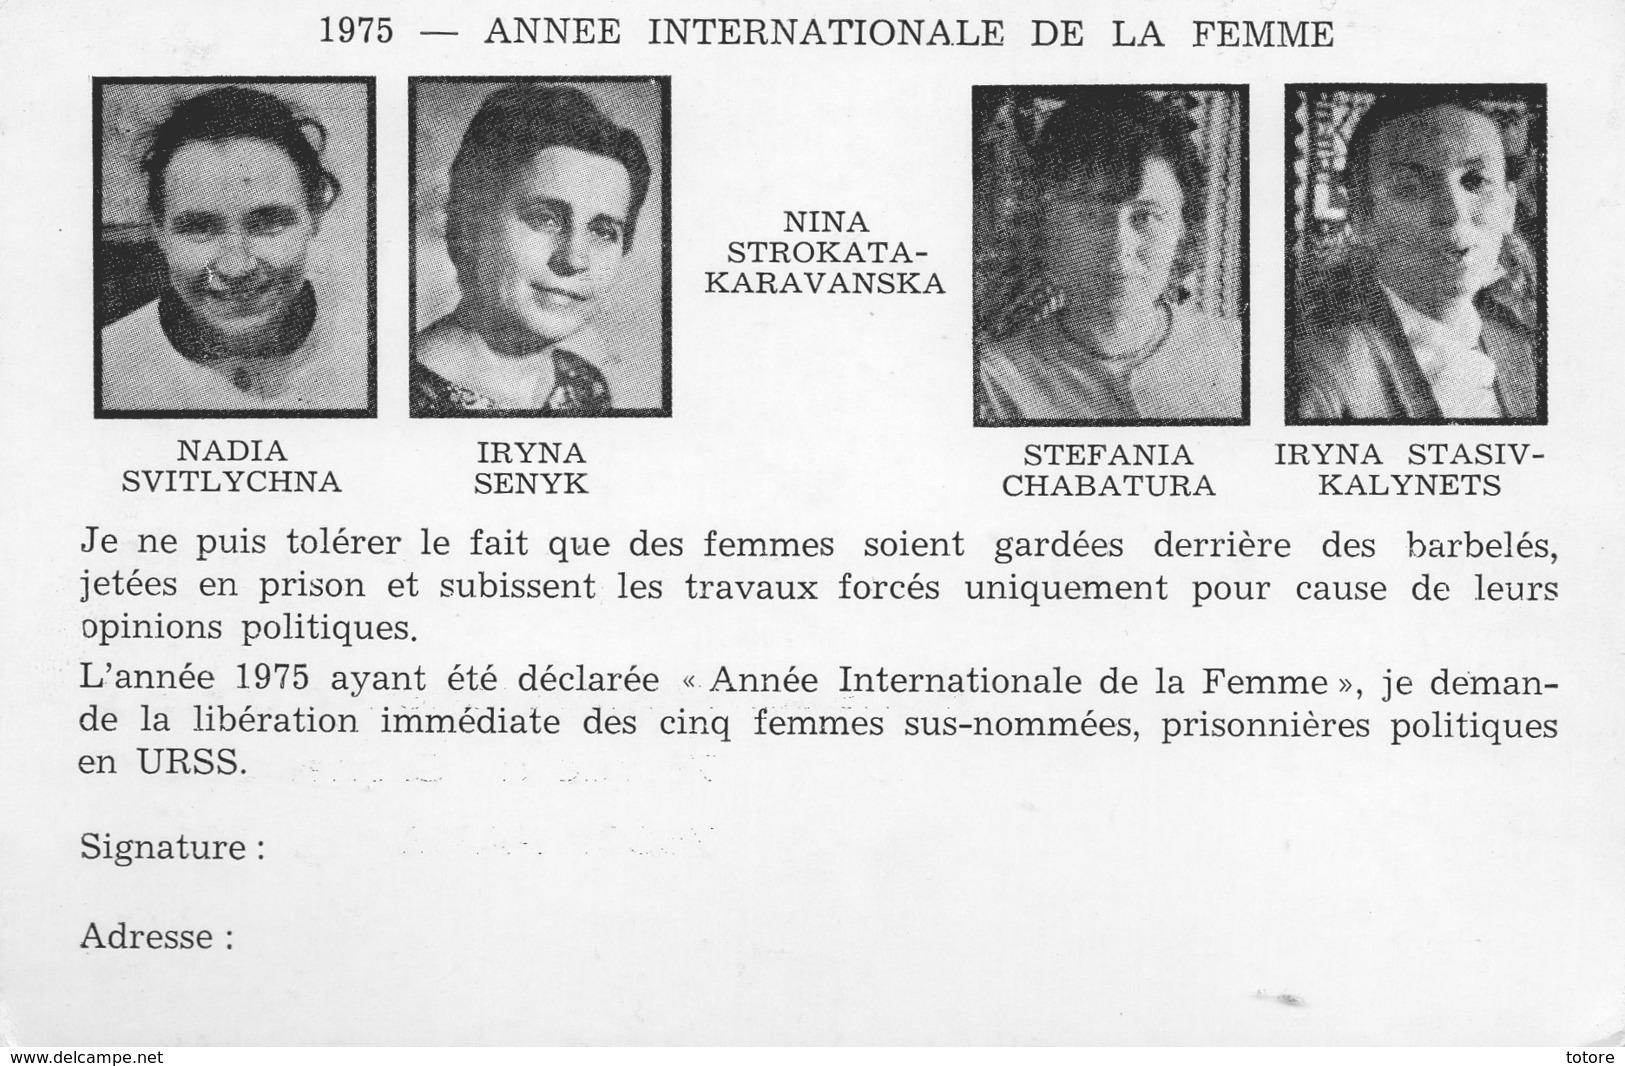 ANNEE INTERNATIONALE DE LA FEMME - Russie